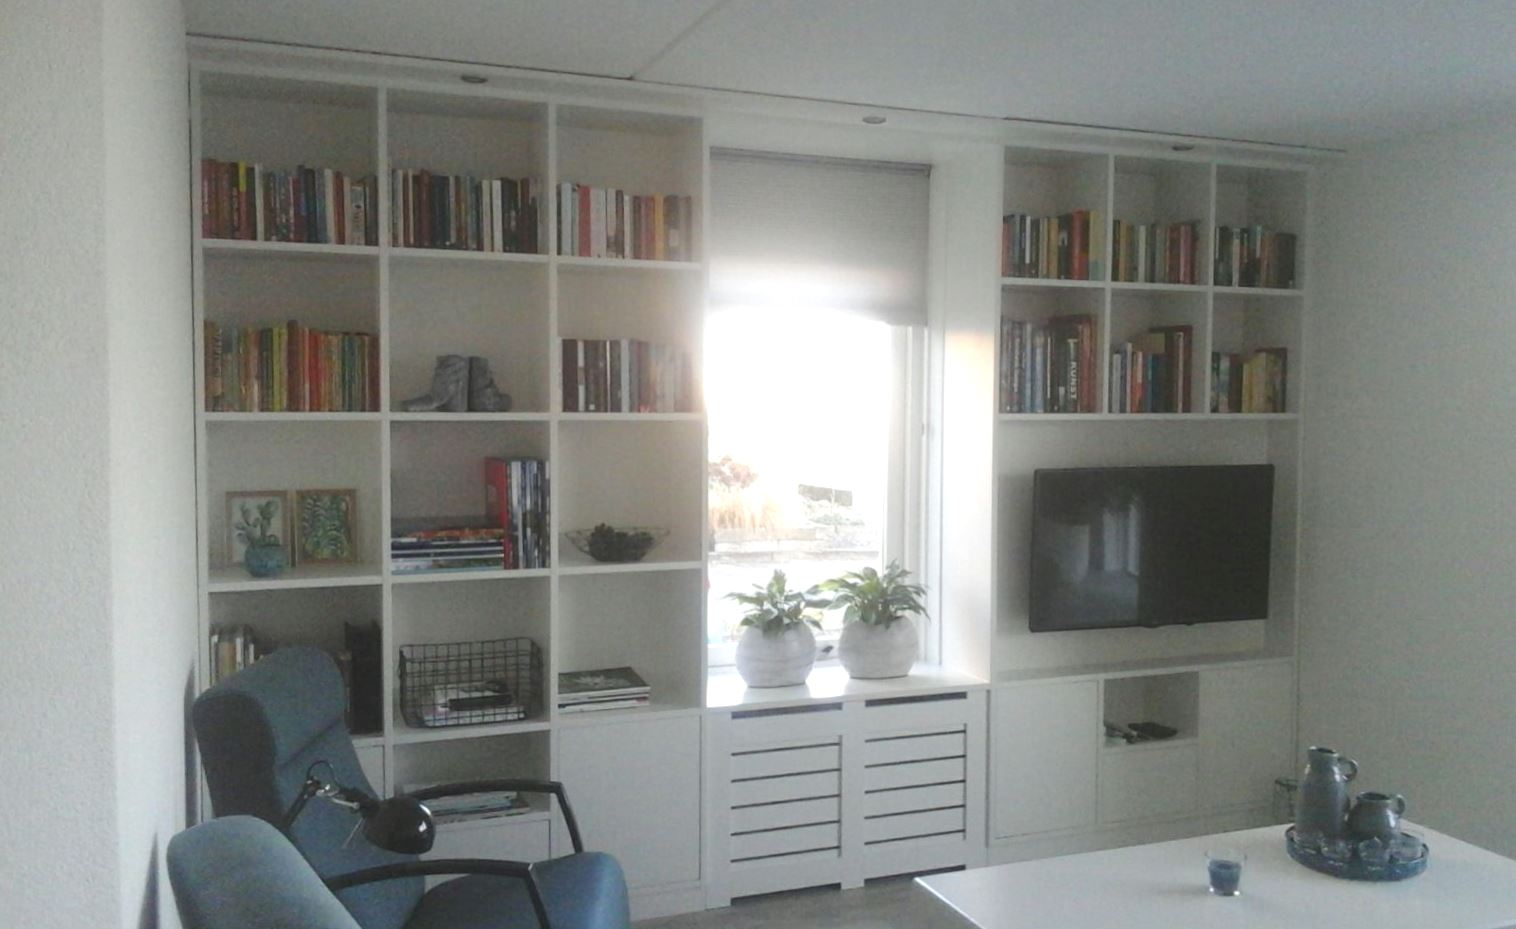 Kastenwand met radiatorombouw en tv ruimte